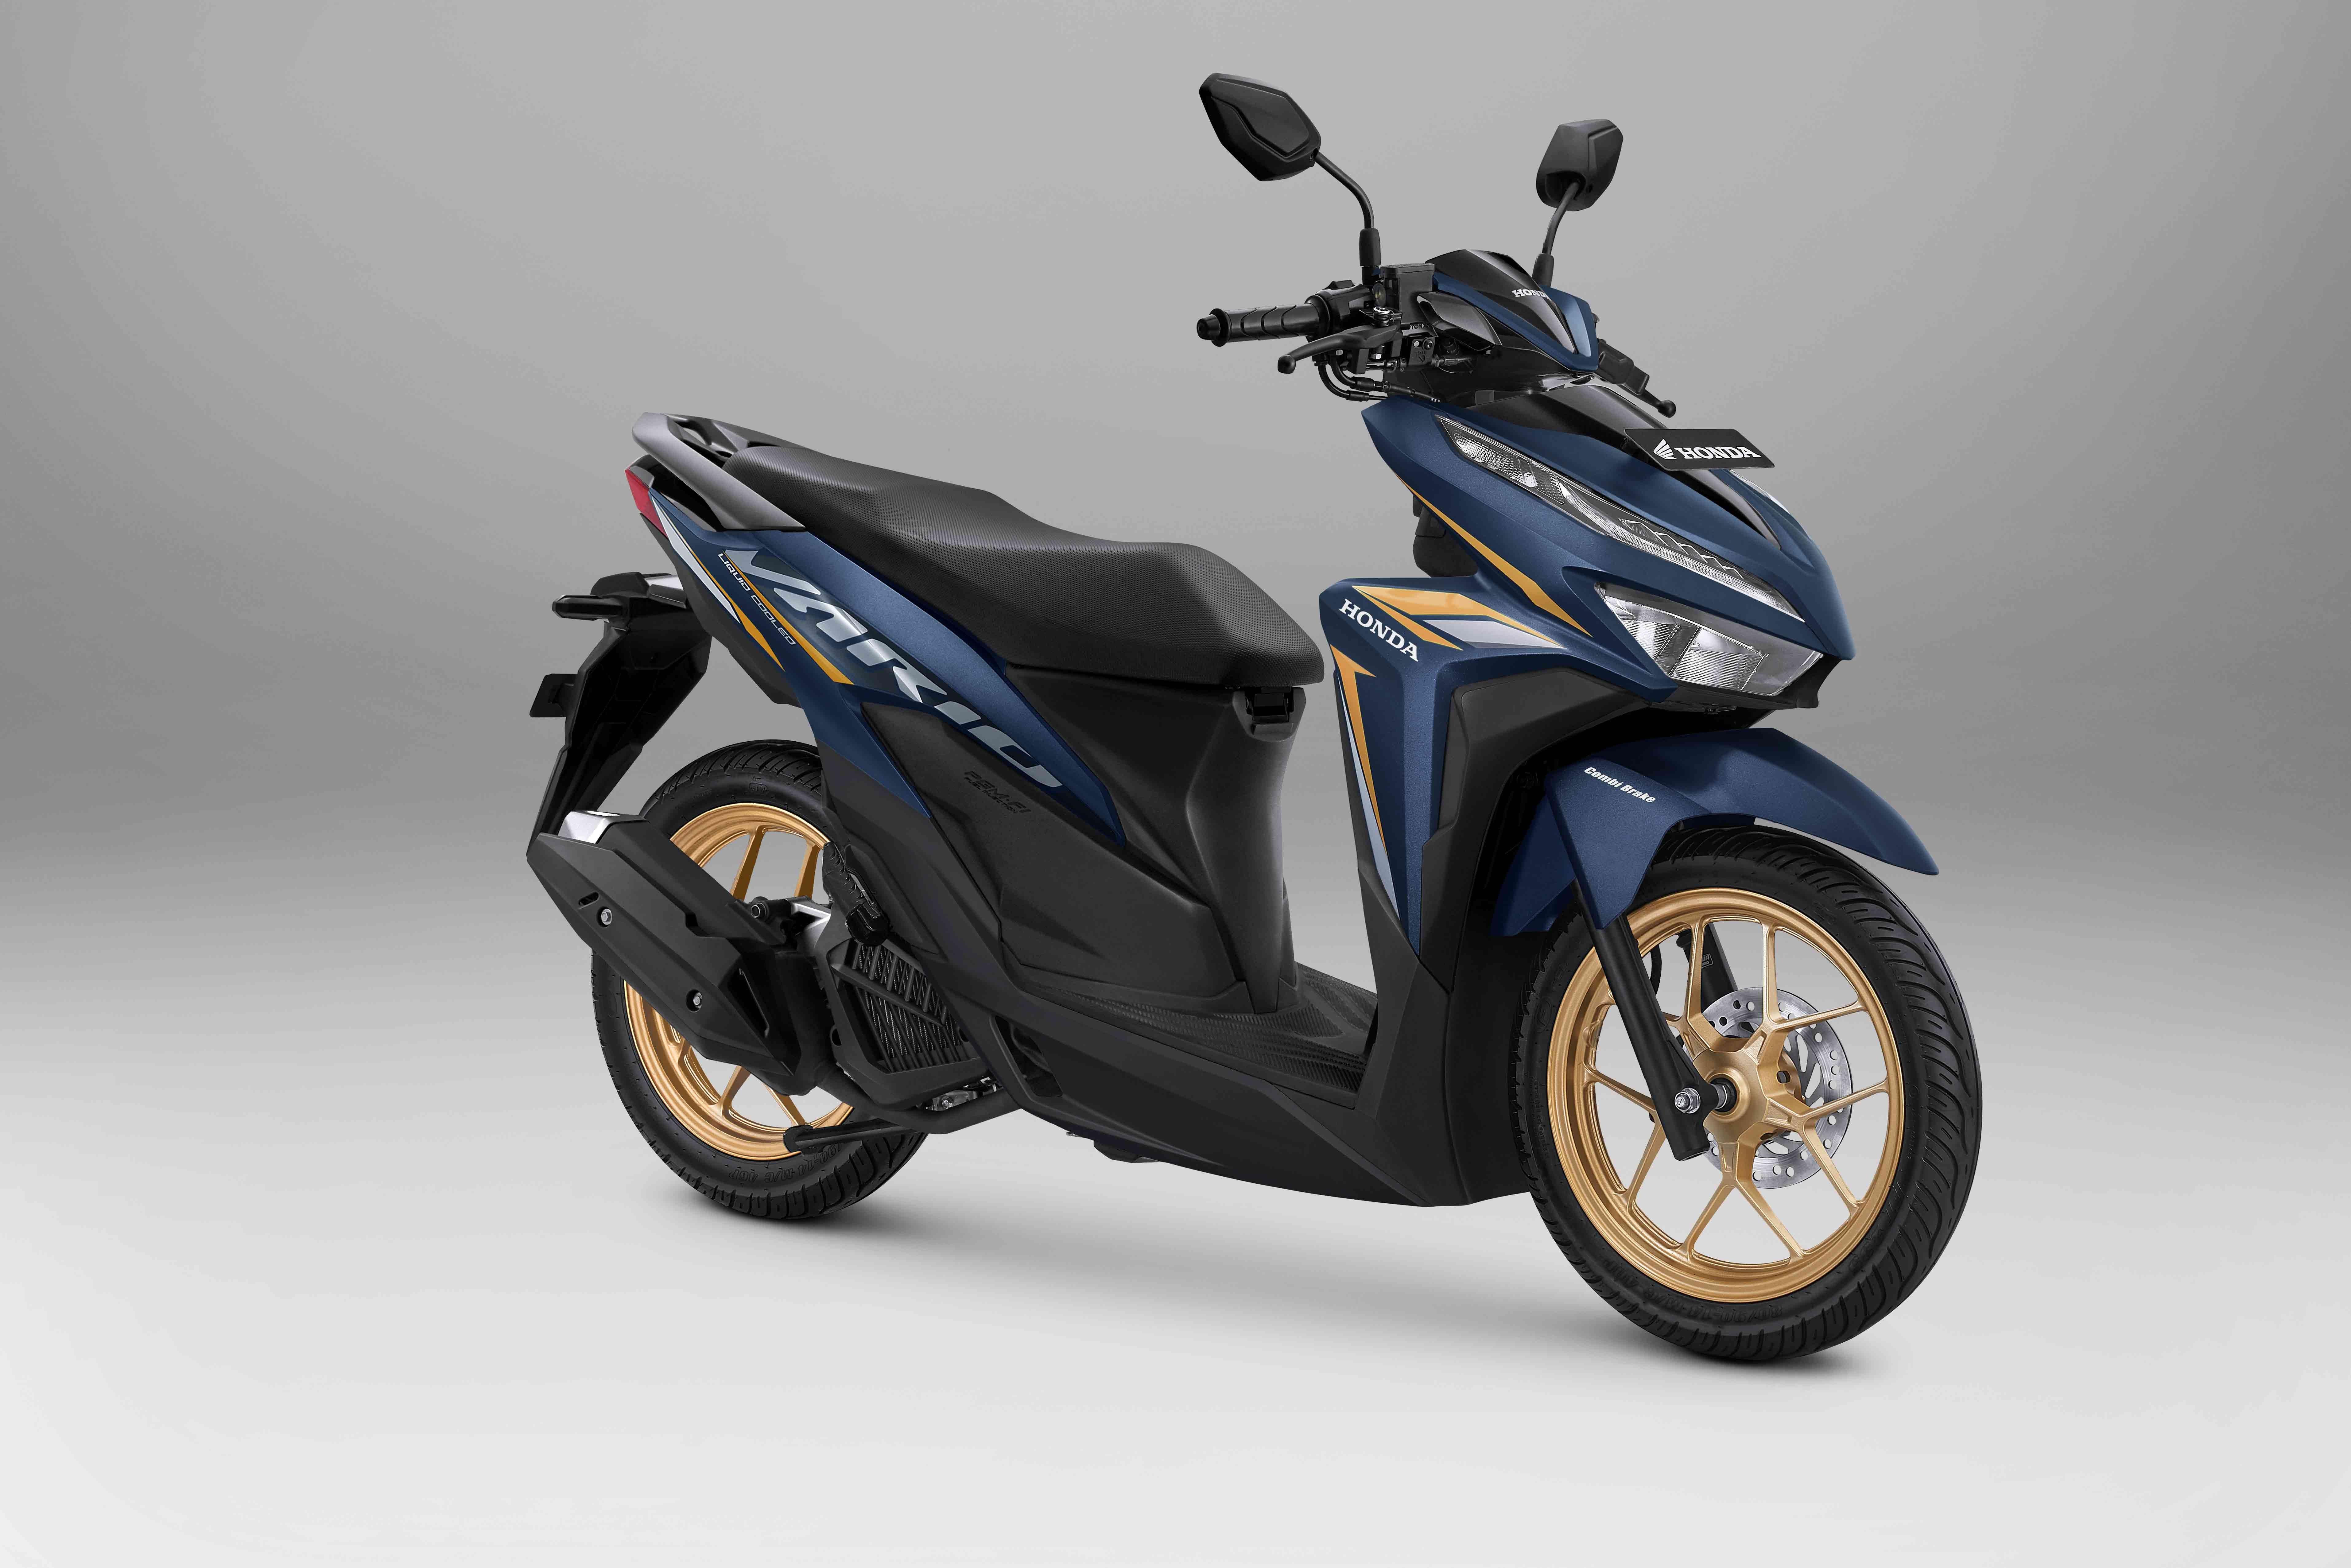 Honda Vario 125 Punya Warna Baru, Lebih Ganteng, Sebegini Harganya - JPNN.com